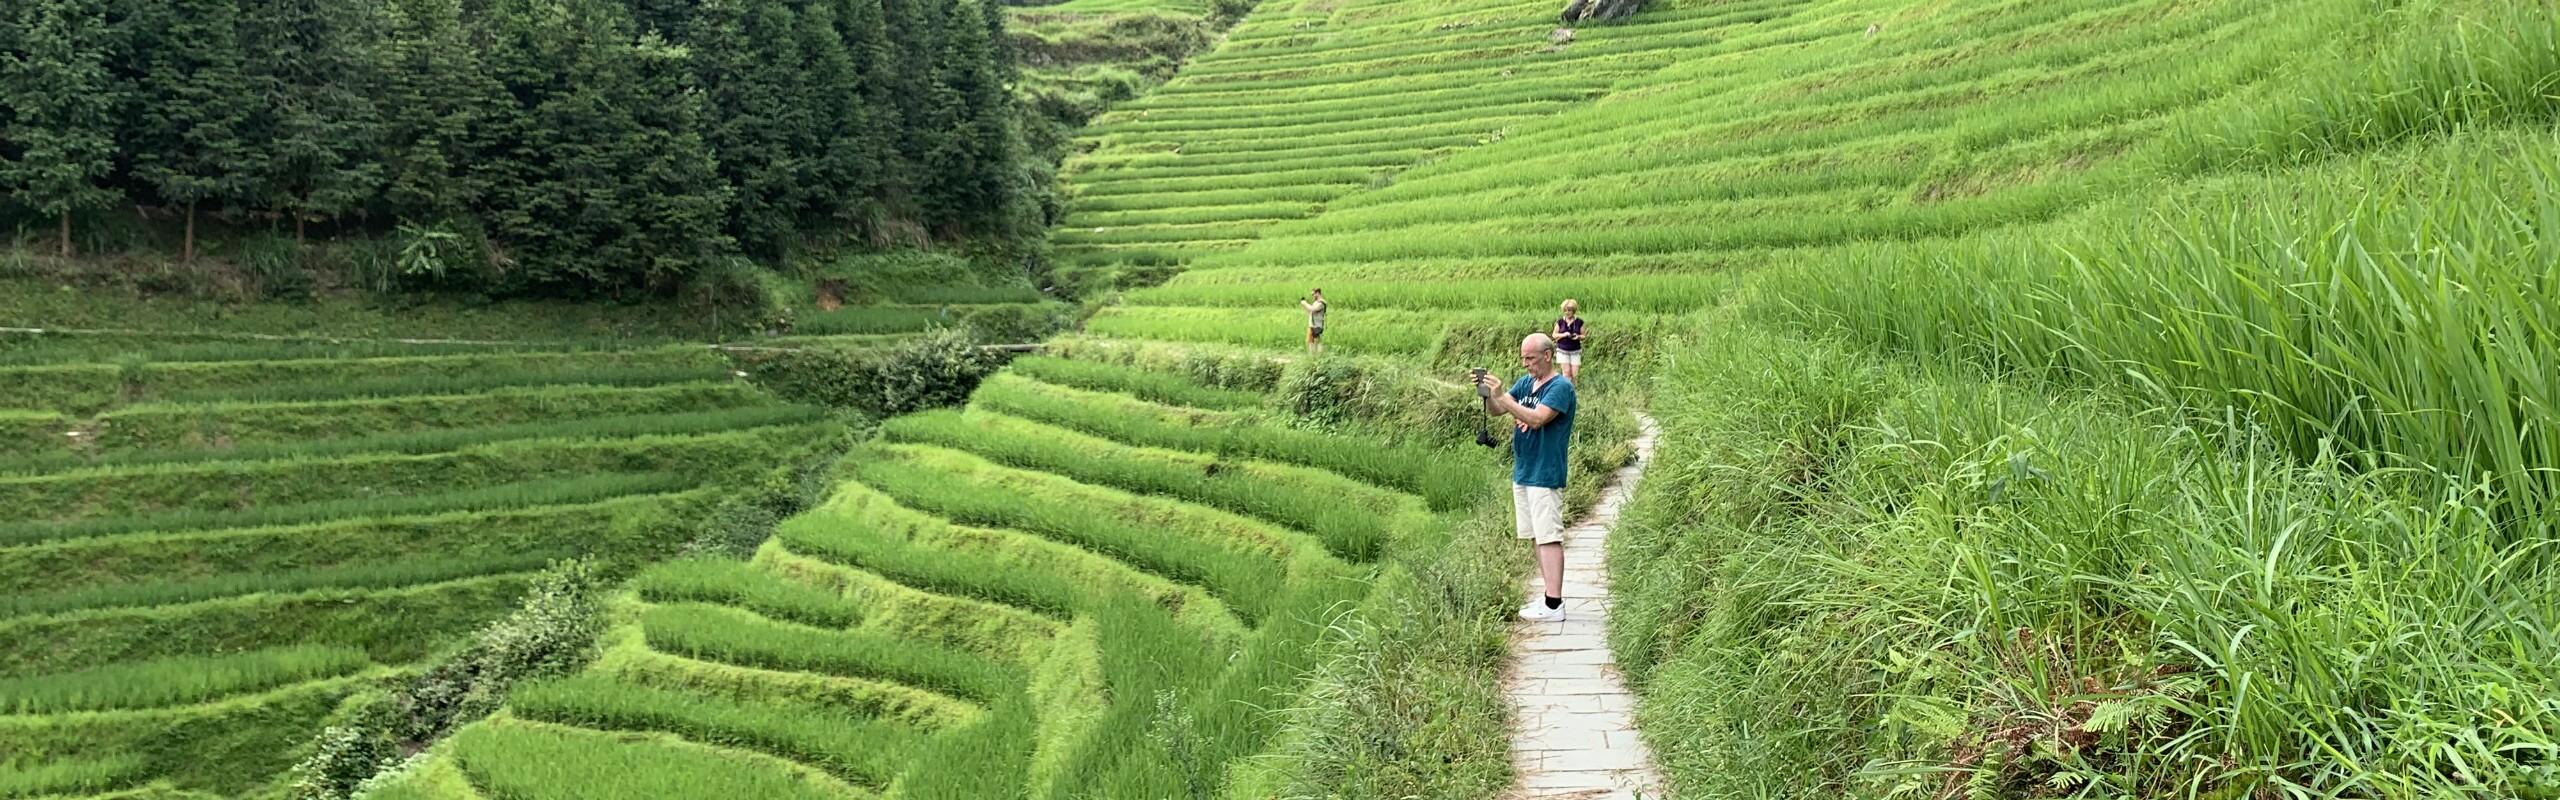 7 Days Longji Rice Terraces, Li River, and Yulong River Hiking Tour